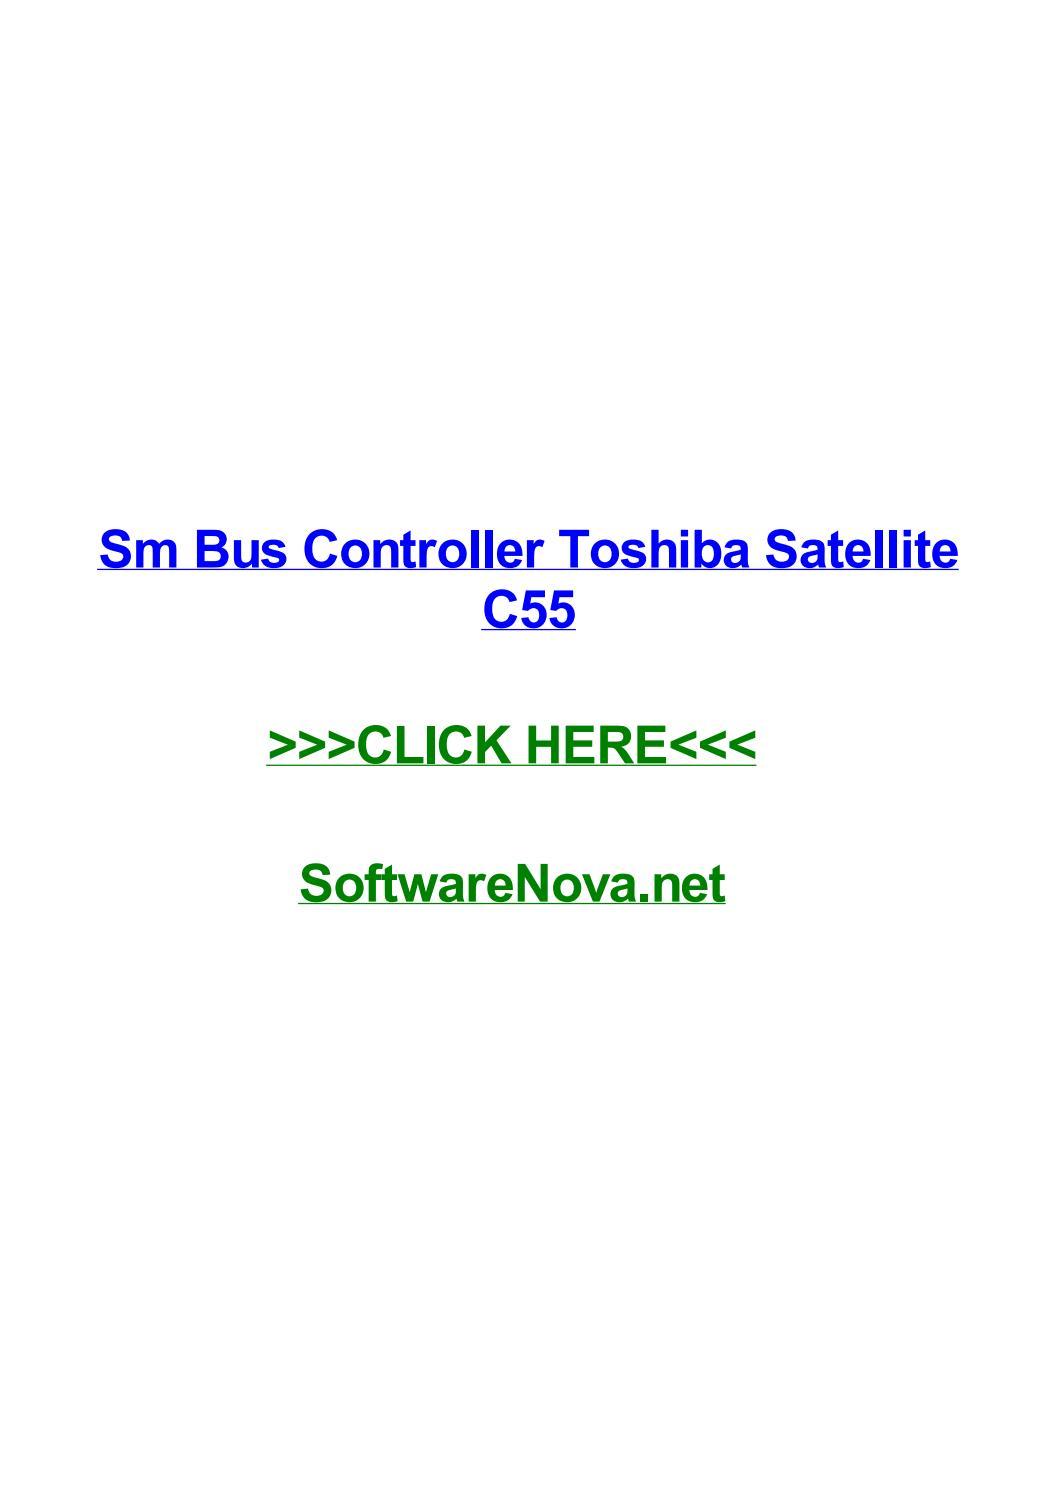 TÉLÉCHARGER DRIVER CONTROLEUR DE BUS SM POUR TOSHIBA GRATUIT